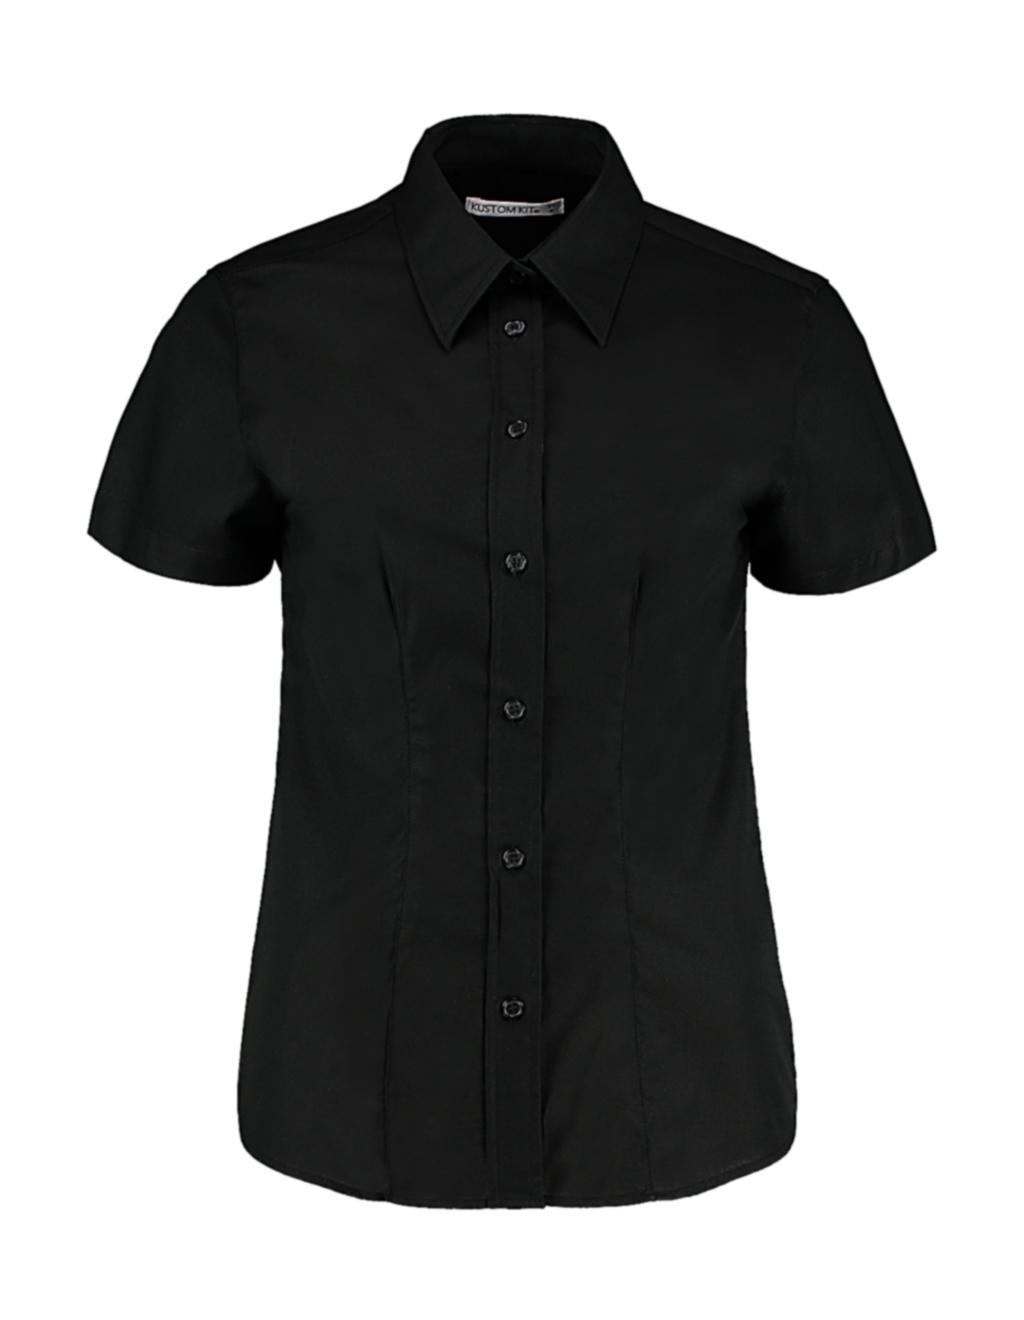 Dámská košile Workwear Oxford Tailored fit s kr.r. - zvìtšit obrázek